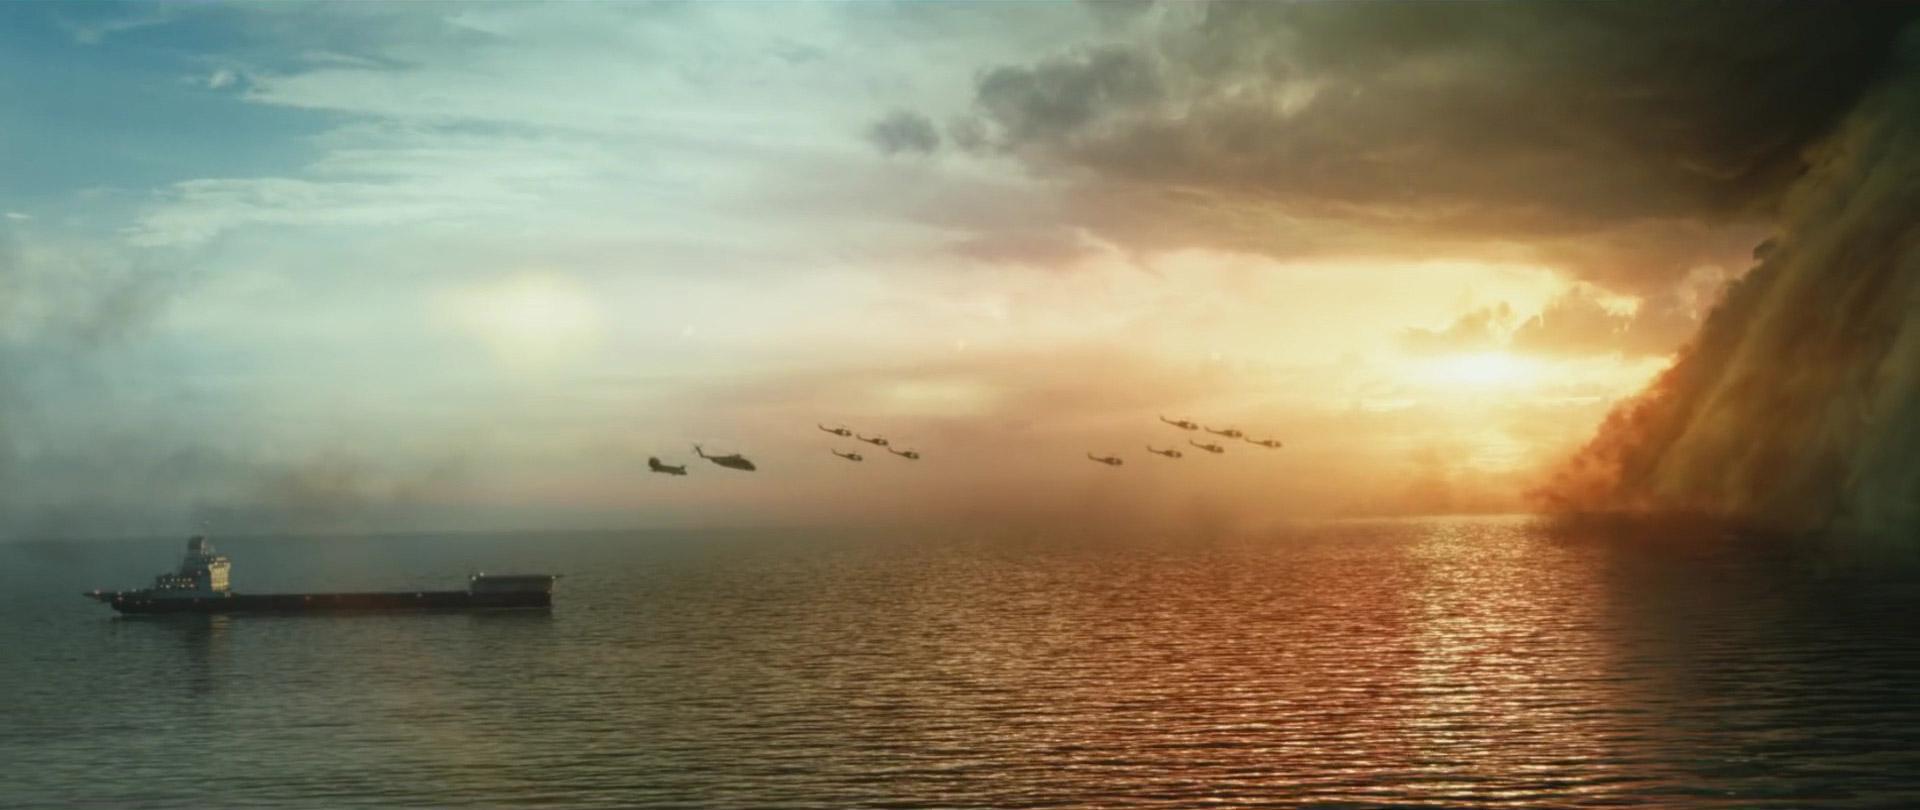 Chiếc tàu tới từ… tương lai với tổng cộng 12 chiếc máy bay trên trời